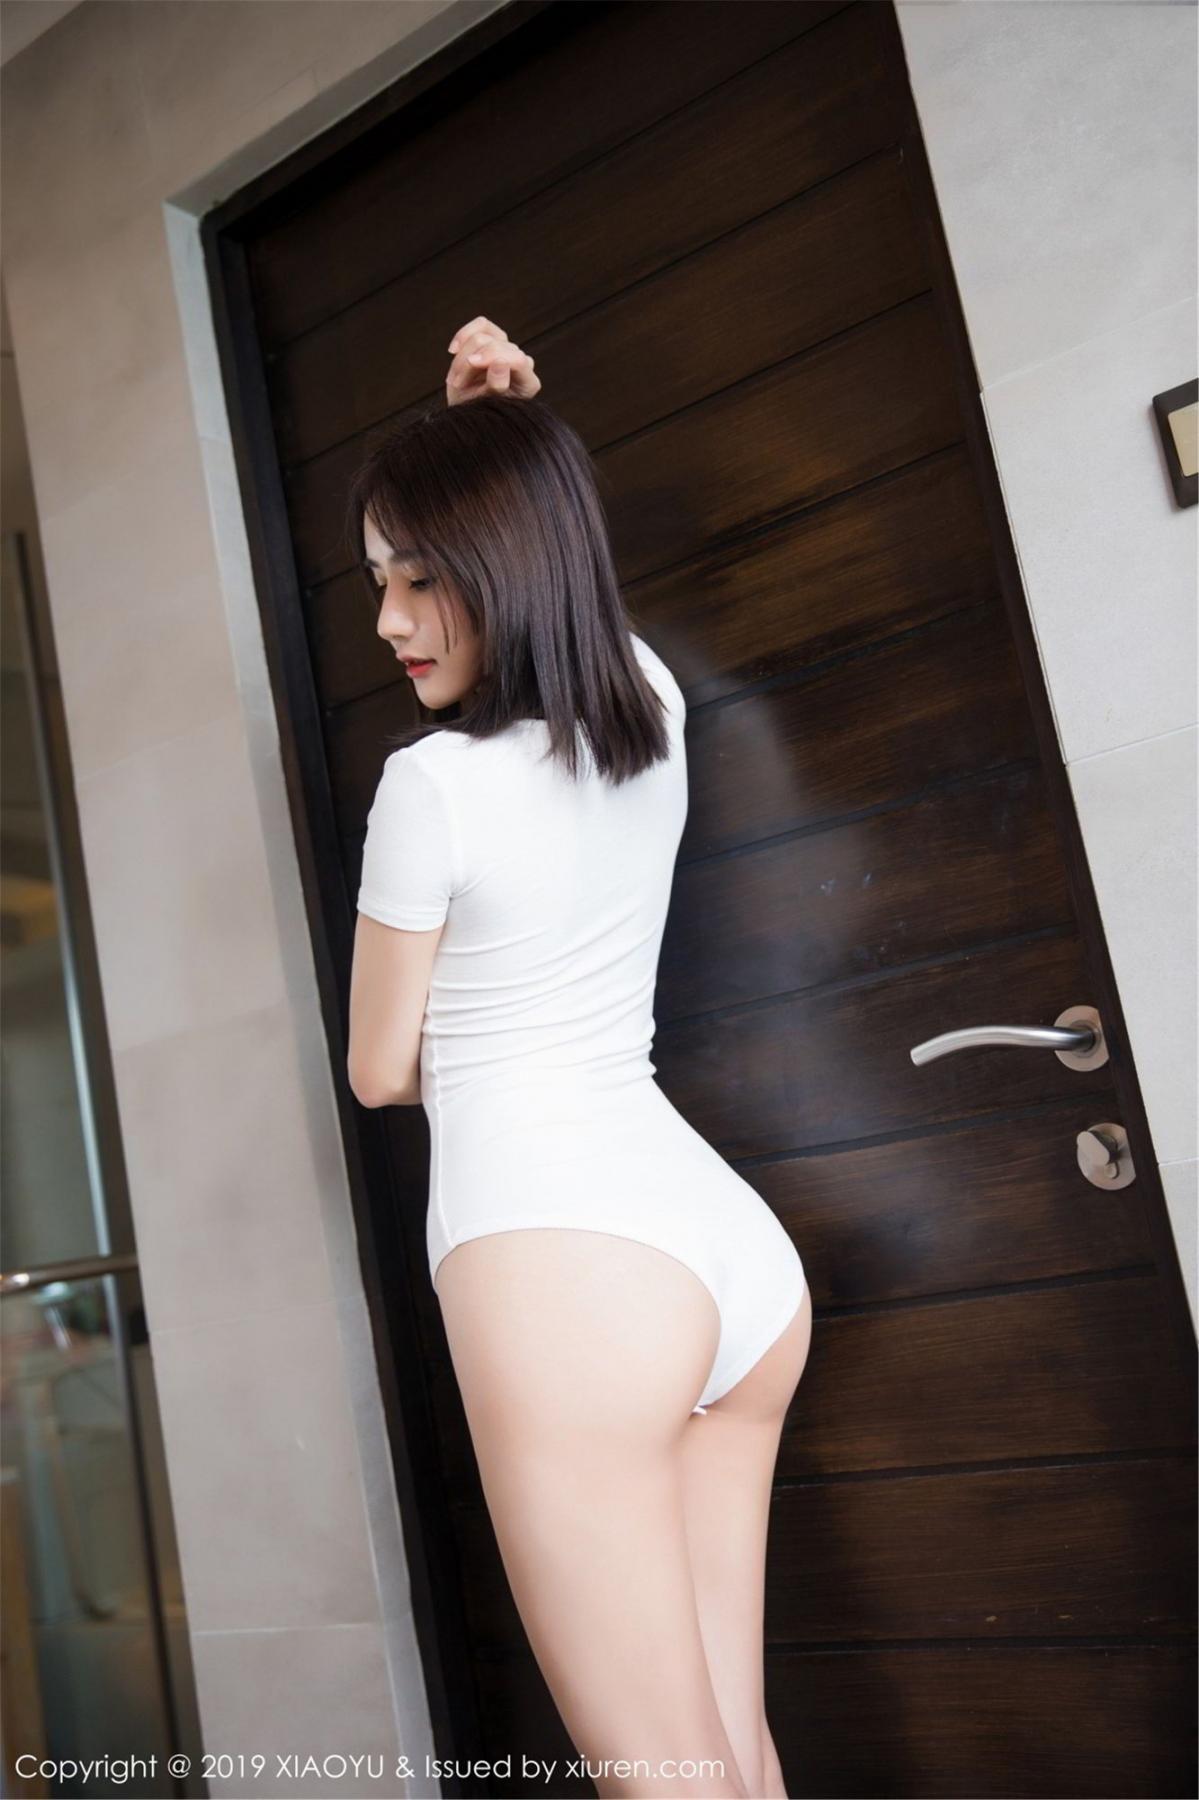 [XiaoYu] Vol.060 Xiao Mo Lin 20P, Bathroom, Lin Lin Ailin, Wet, XiaoYu